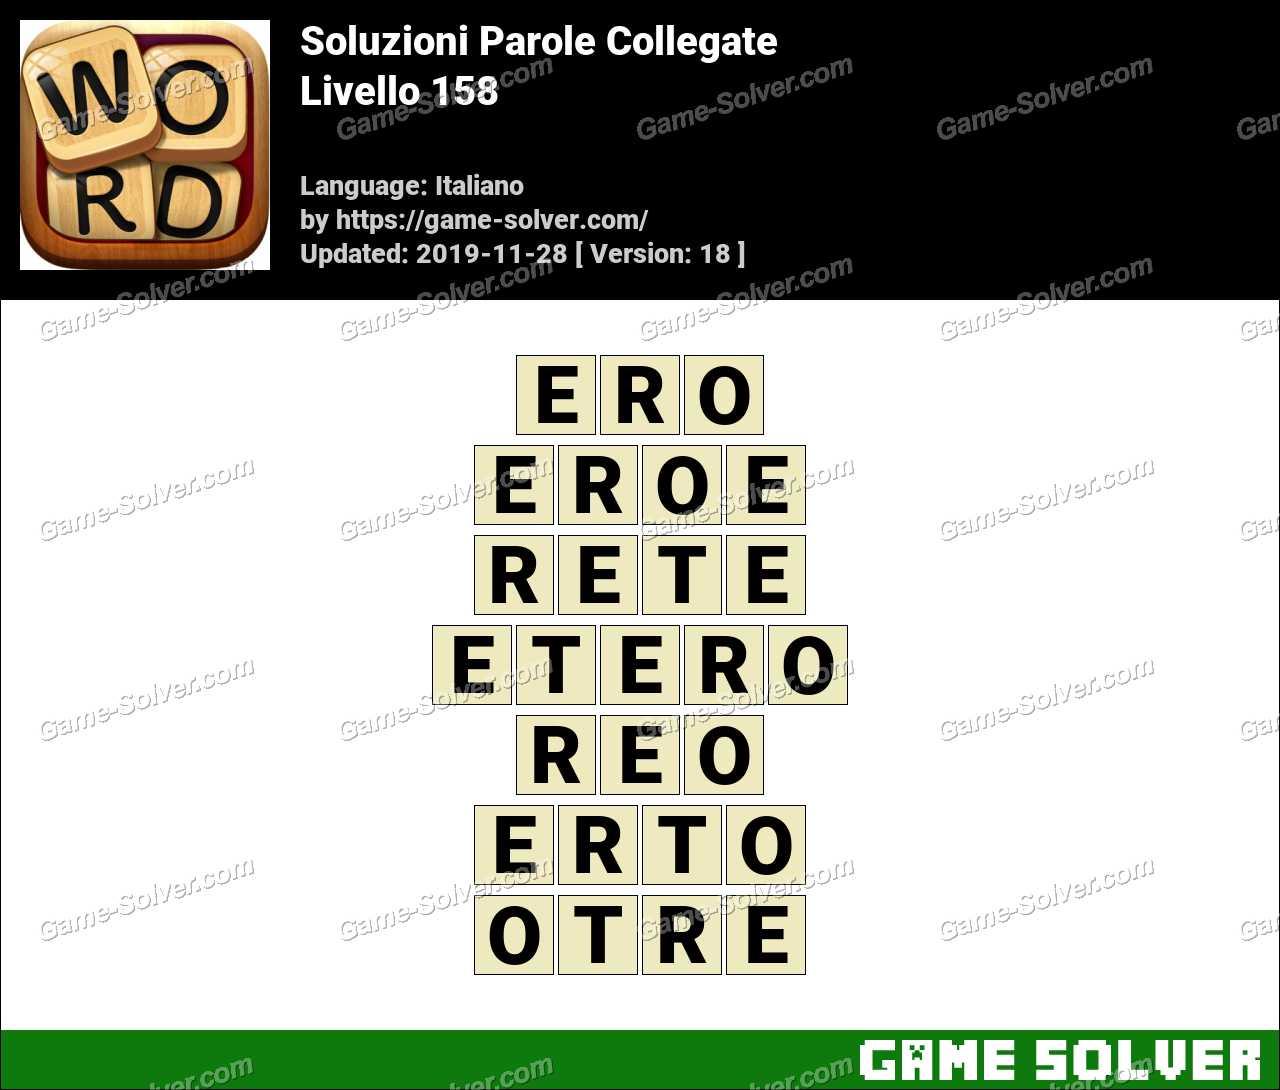 Soluzioni Parole Collegate Livello 158